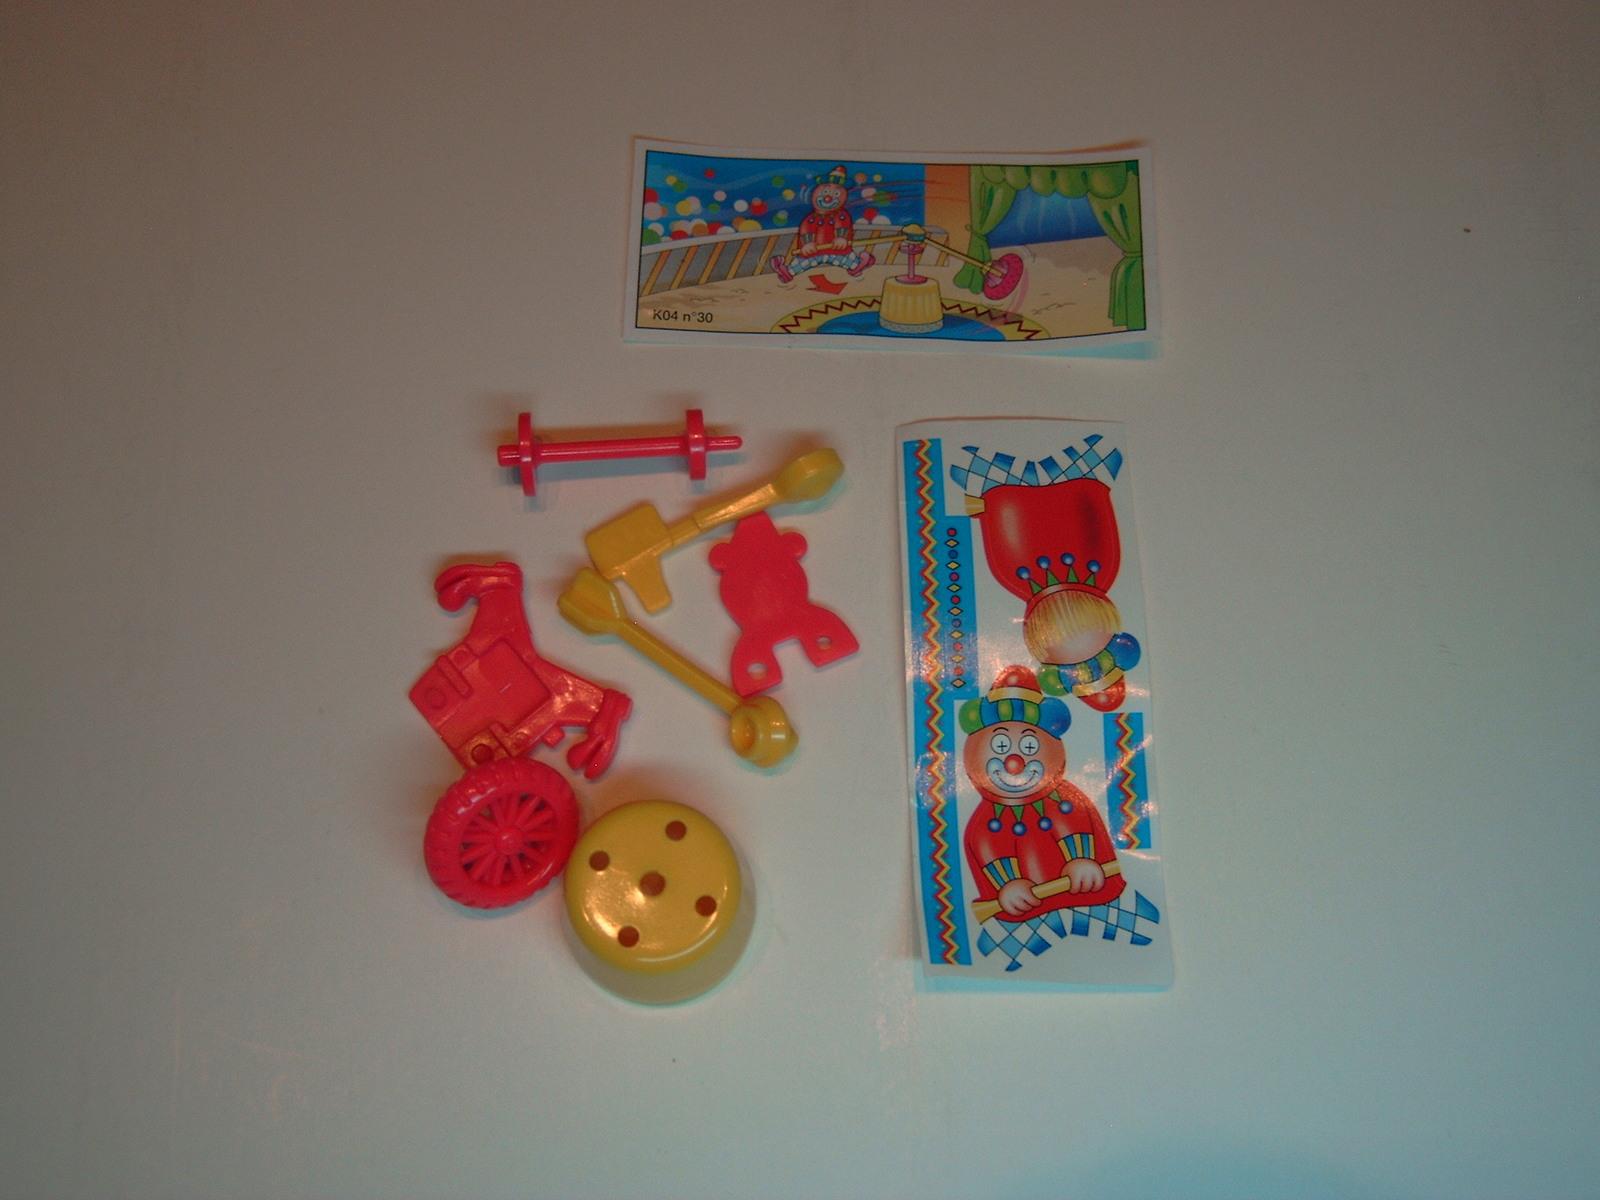 Kinder - K04 30 Balancing clown + paper + sticker - Surprise egg - $1.50